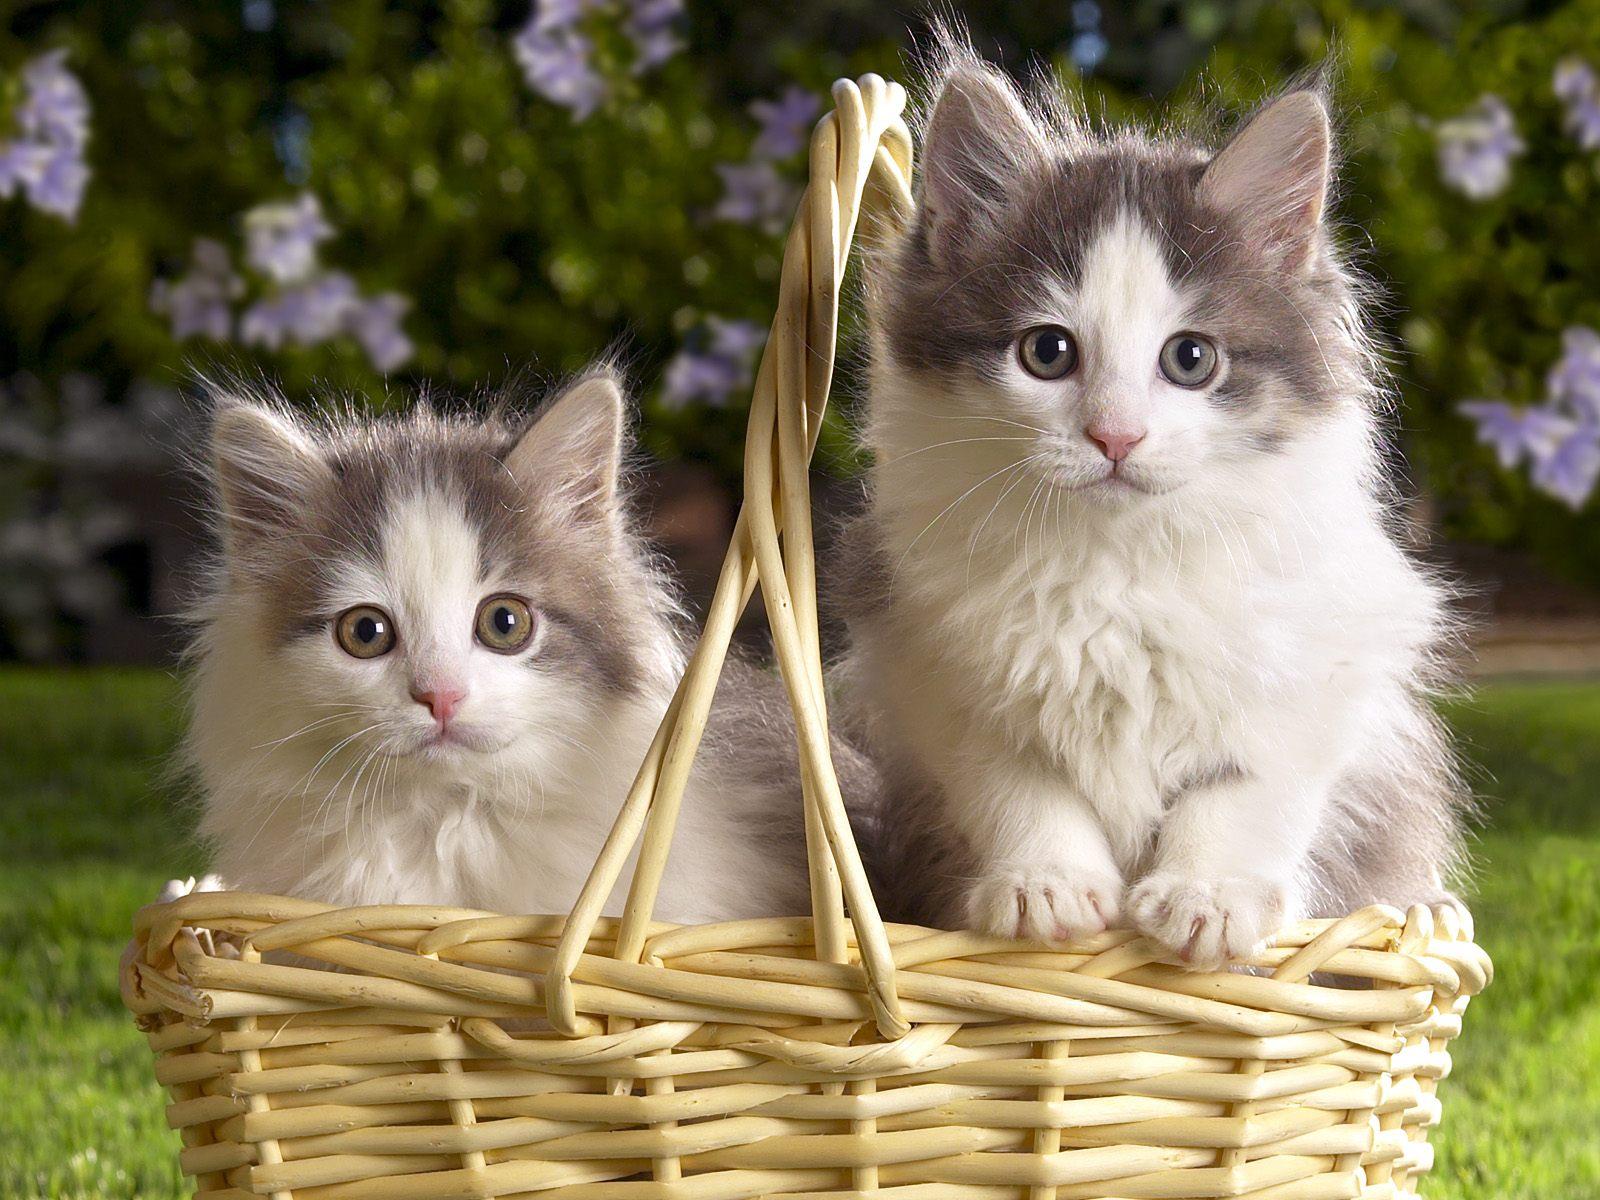 http://1.bp.blogspot.com/-MKwnfpu6ntg/TZX0ORiwEuI/AAAAAAAAAvI/0vH-8iEtqK0/s1600/kittens+1.jpg